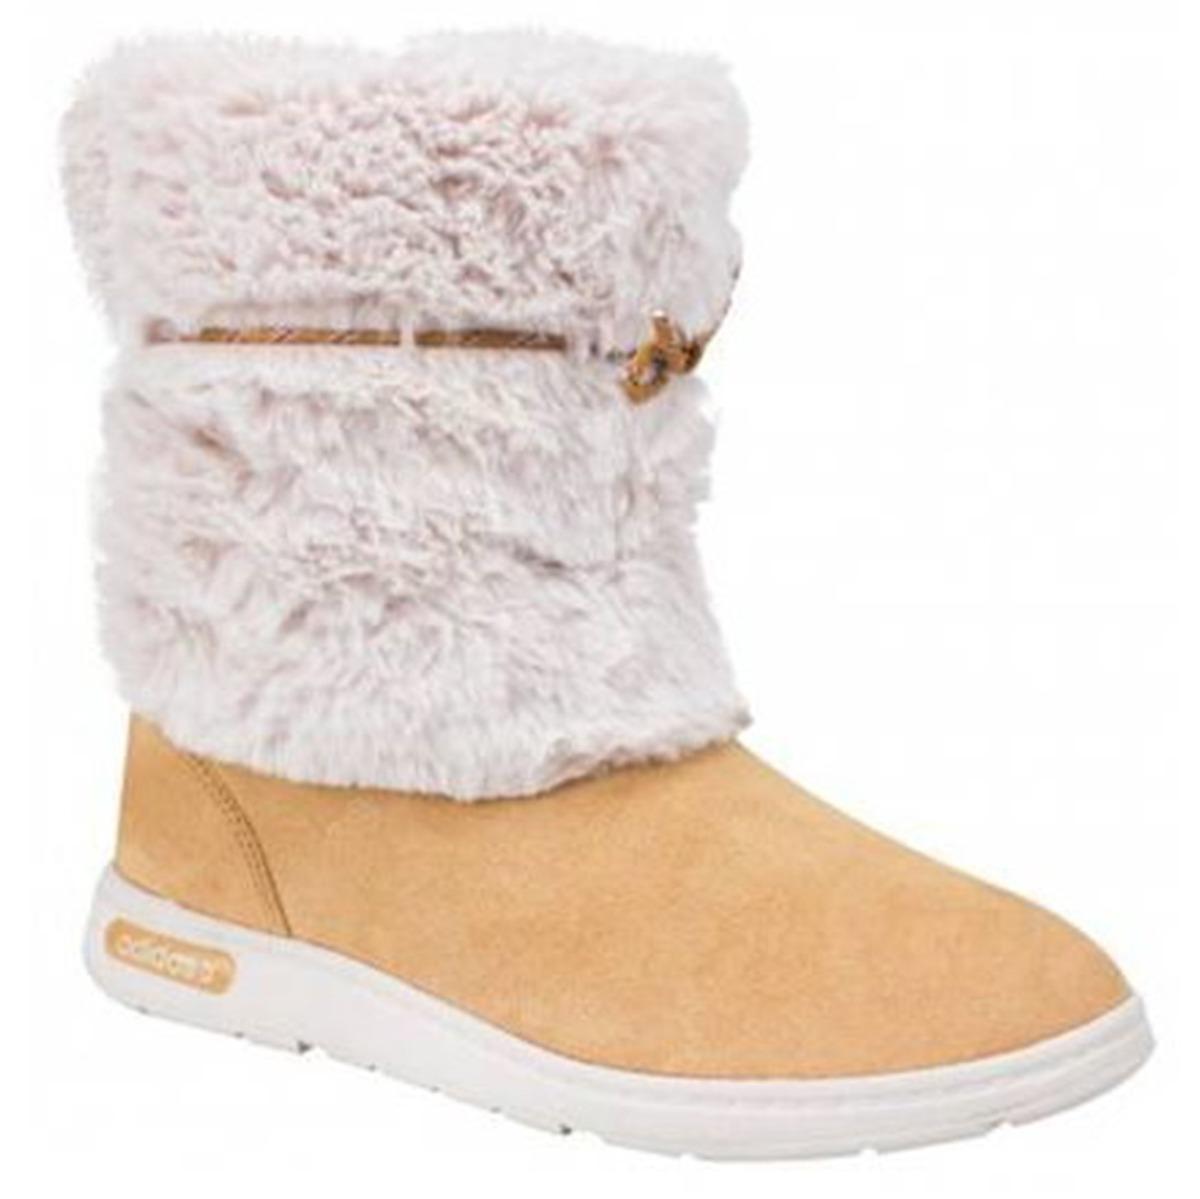 ee6c6c9a92b91 Botas Neo Winterized Casual Para Mujer W adidas F98845 -   849.00 en ...